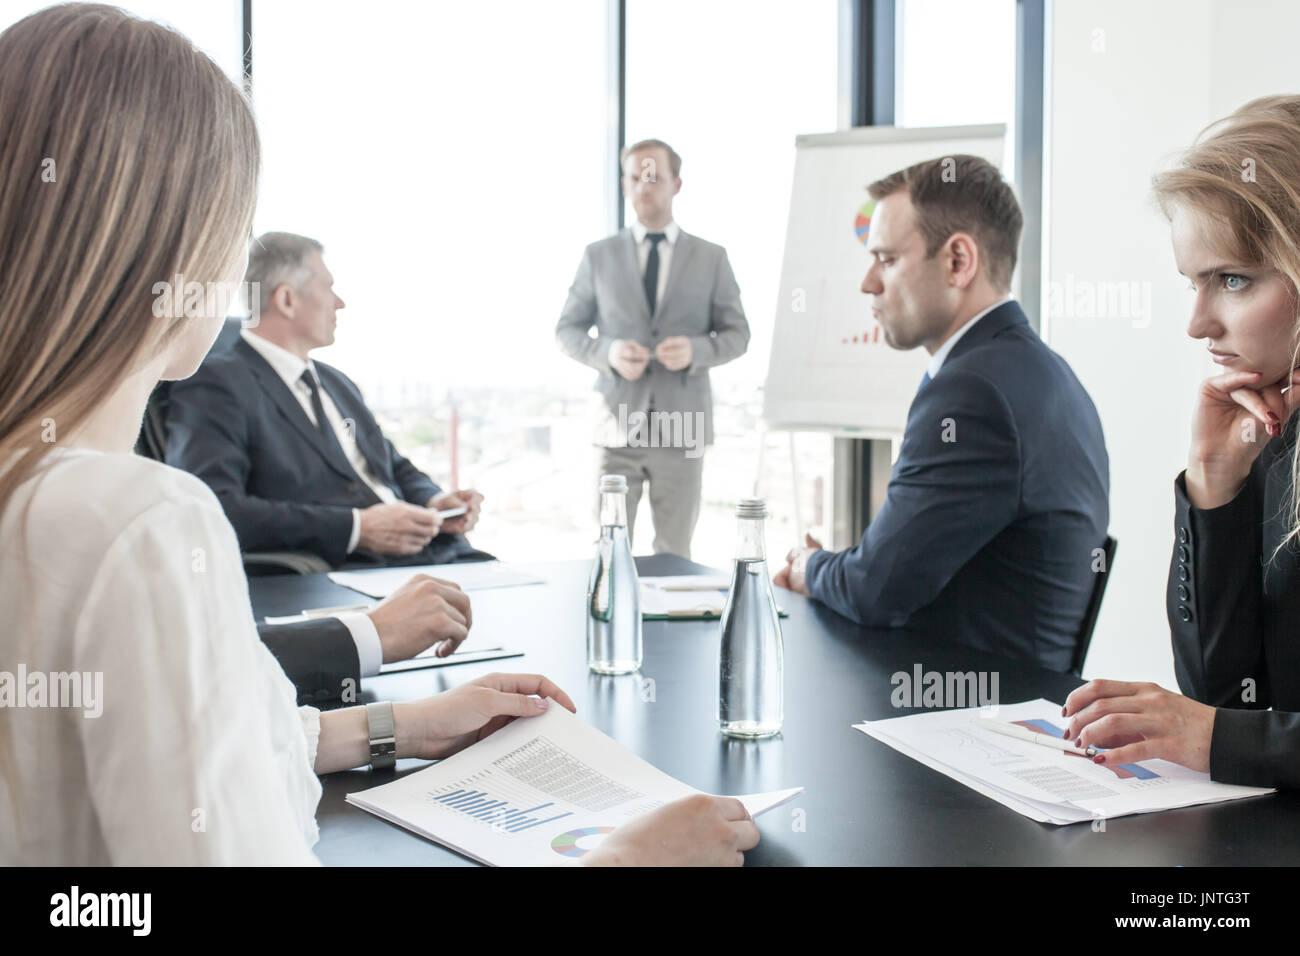 Gruppe von Geschäftsleuten in Sitzung beobachten Präsentation von Berichten in Diagrammen und Grafiken auf Flip-Chart in offfice Stockbild